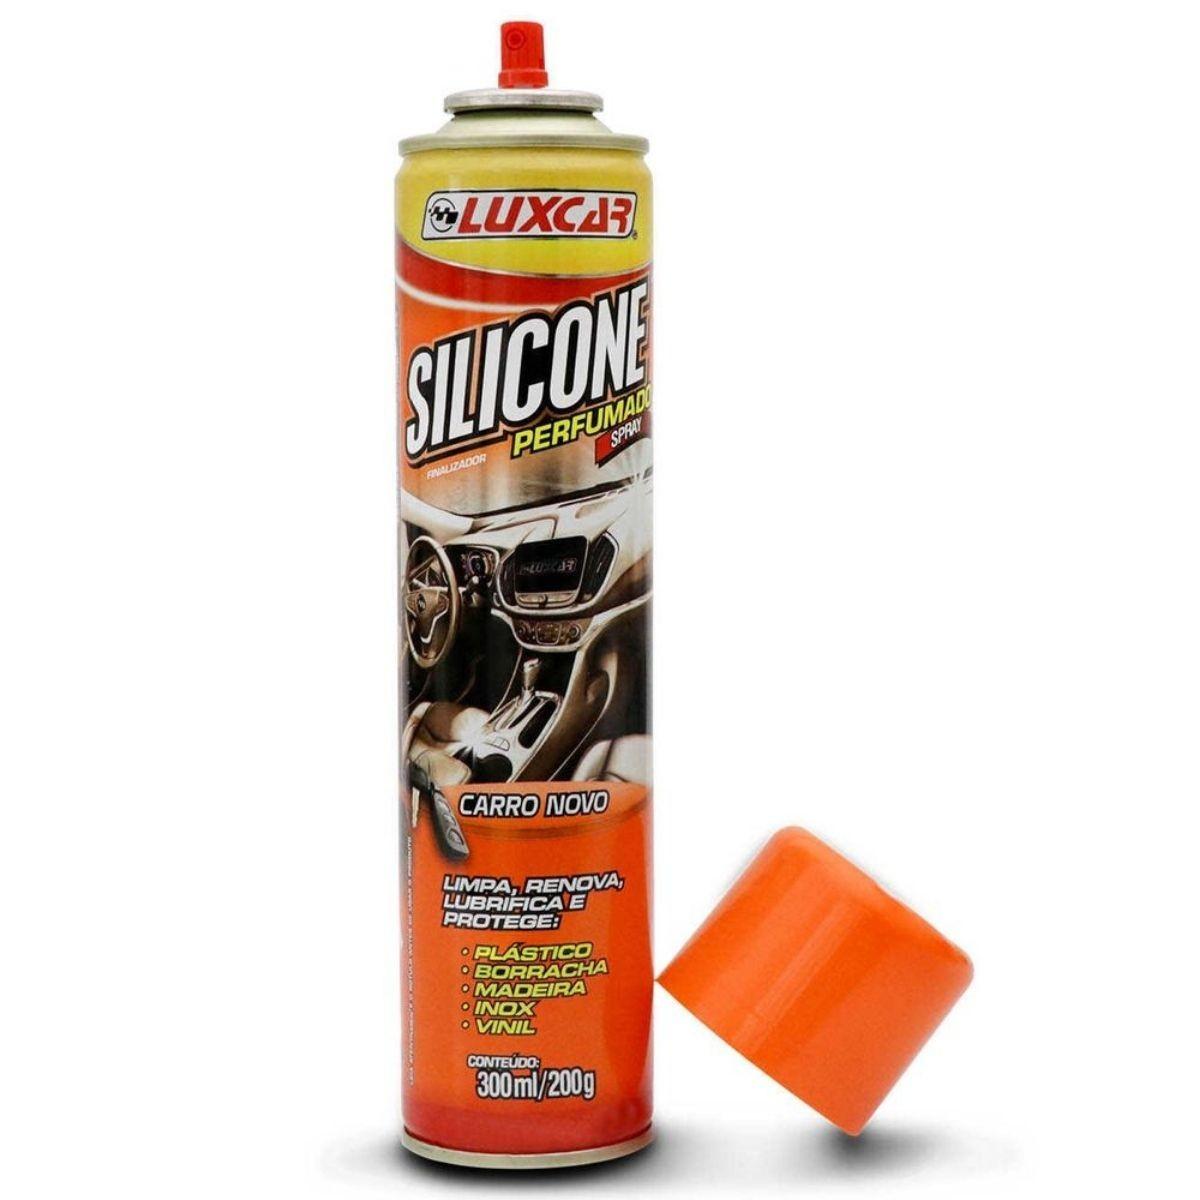 Silicone Perfumado Spray Carro Novo 300ml